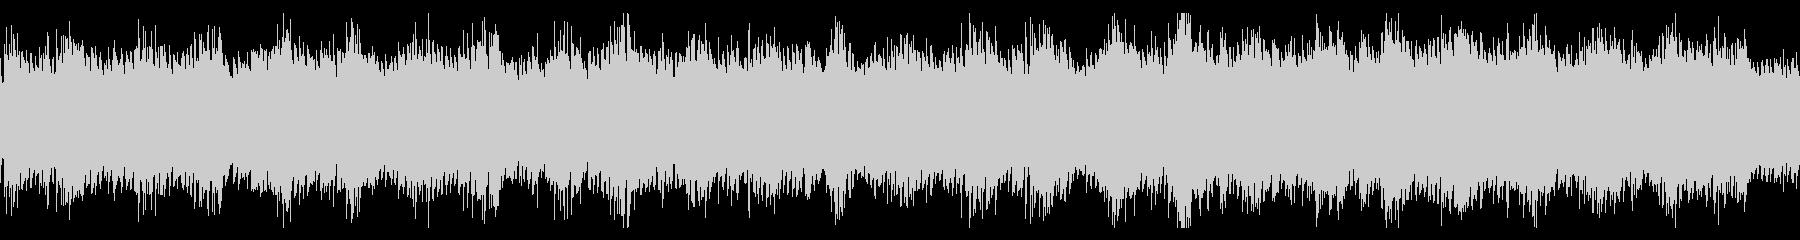 ゲームのダンジョン・洞窟系BGMの未再生の波形